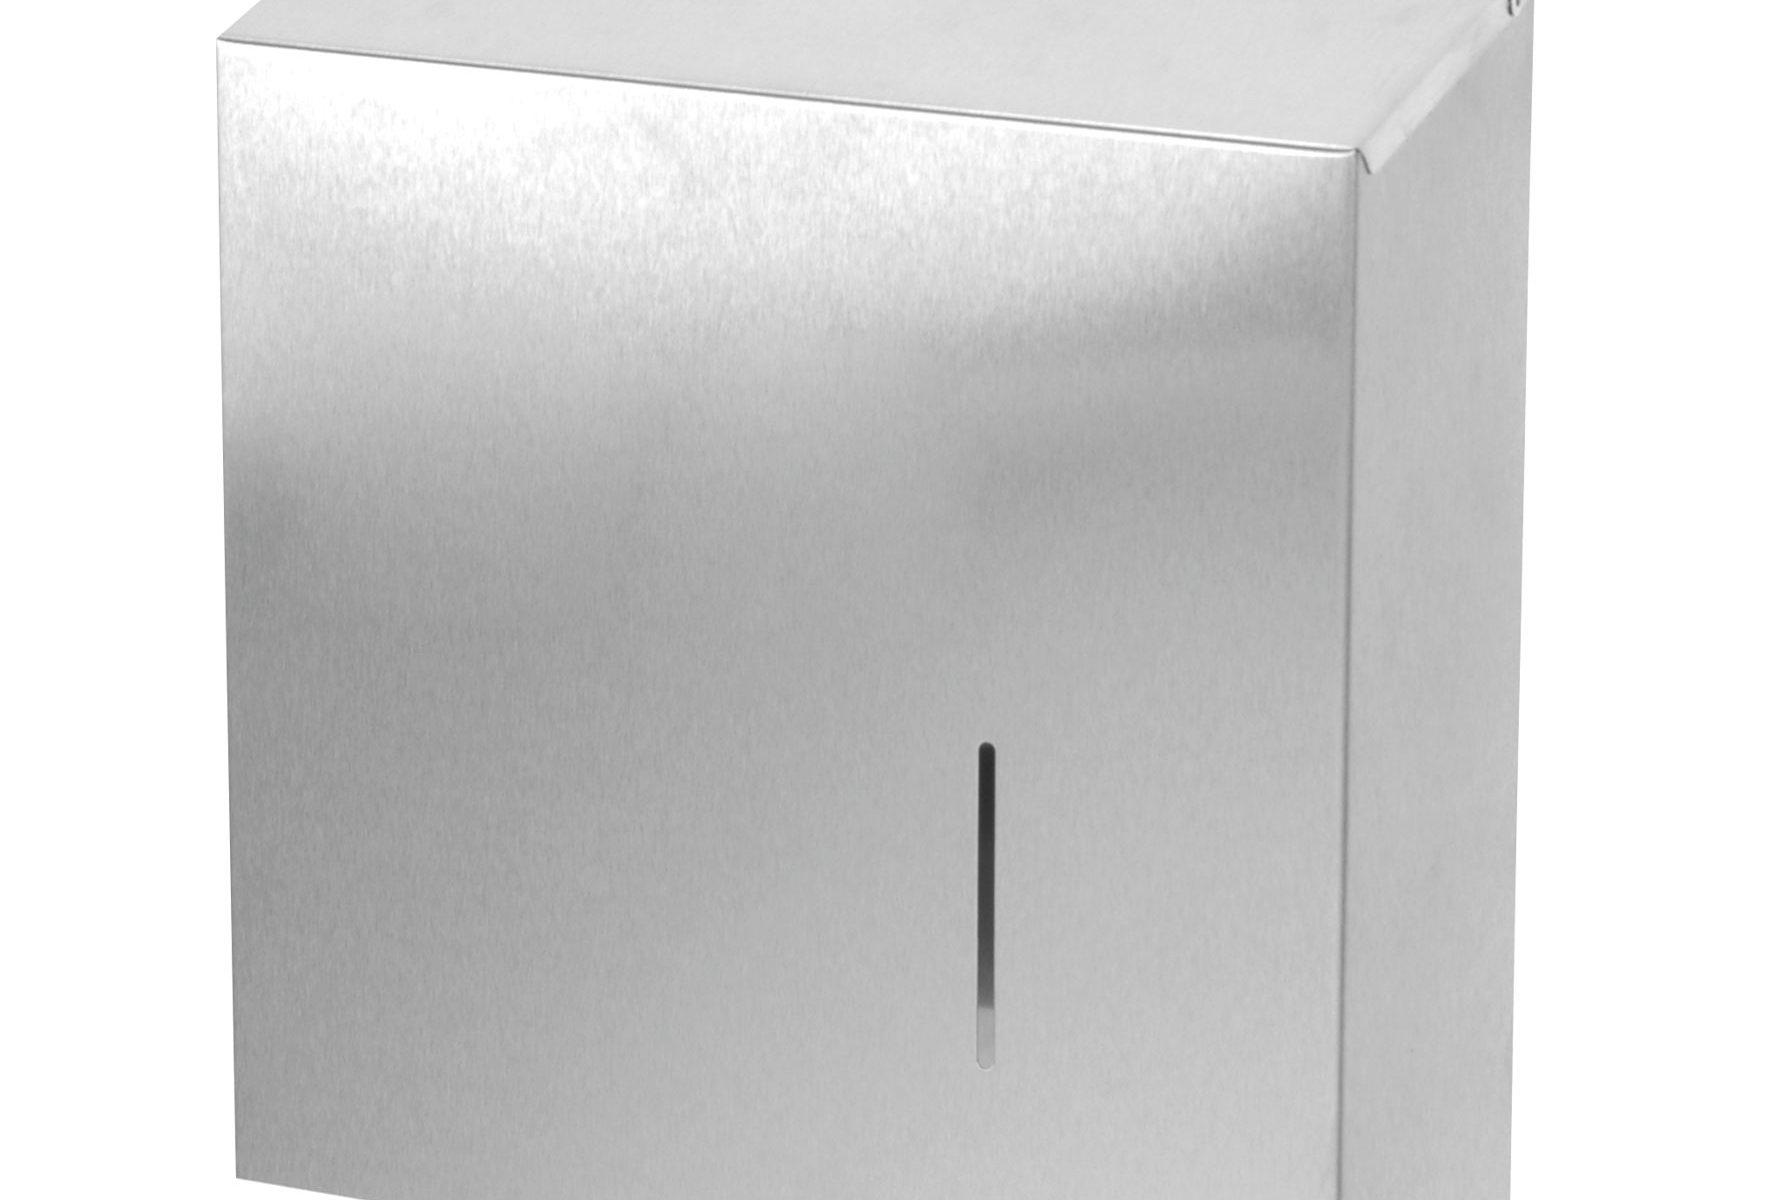 840560-Edelstahl Jumbo-WC-Rollenhalter Serie Funktion